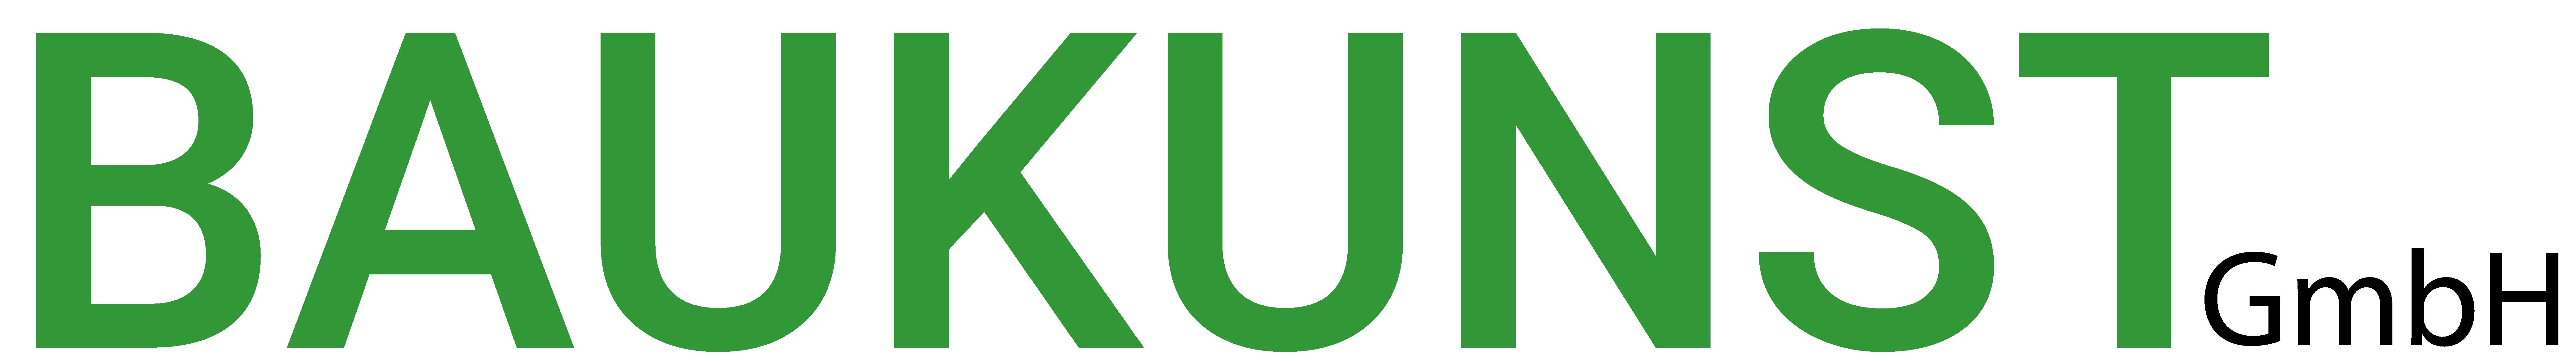 Baukunst GmbH